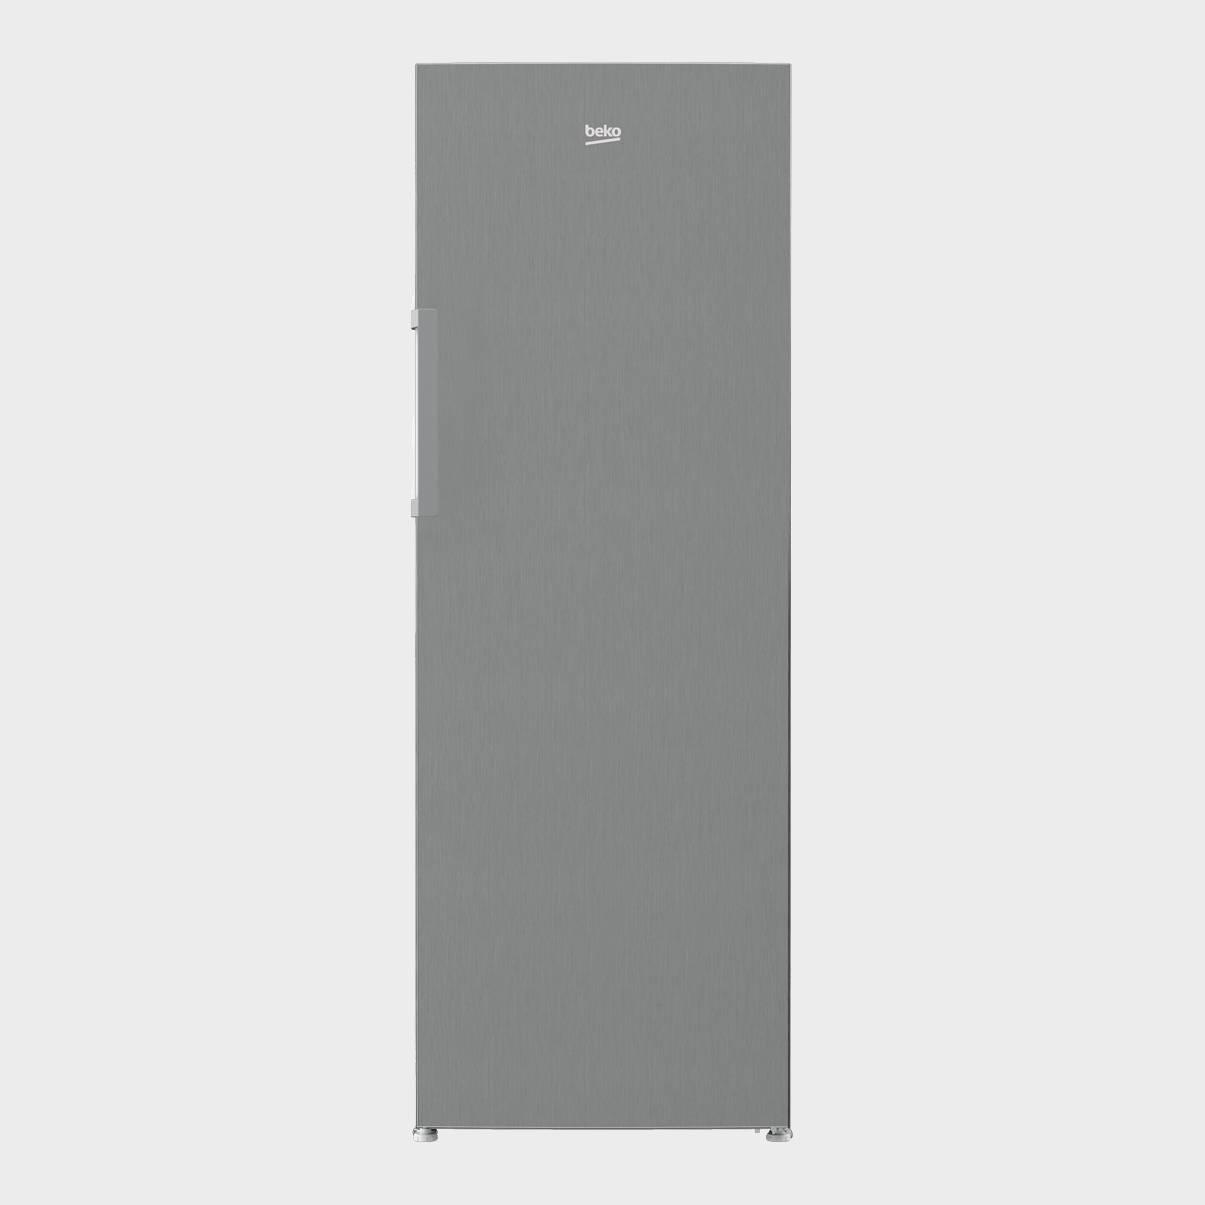 Beko rsse415m21x frigorifico 1 puerta inox 172x60 a - Frigorifico beko 1 puerta ...